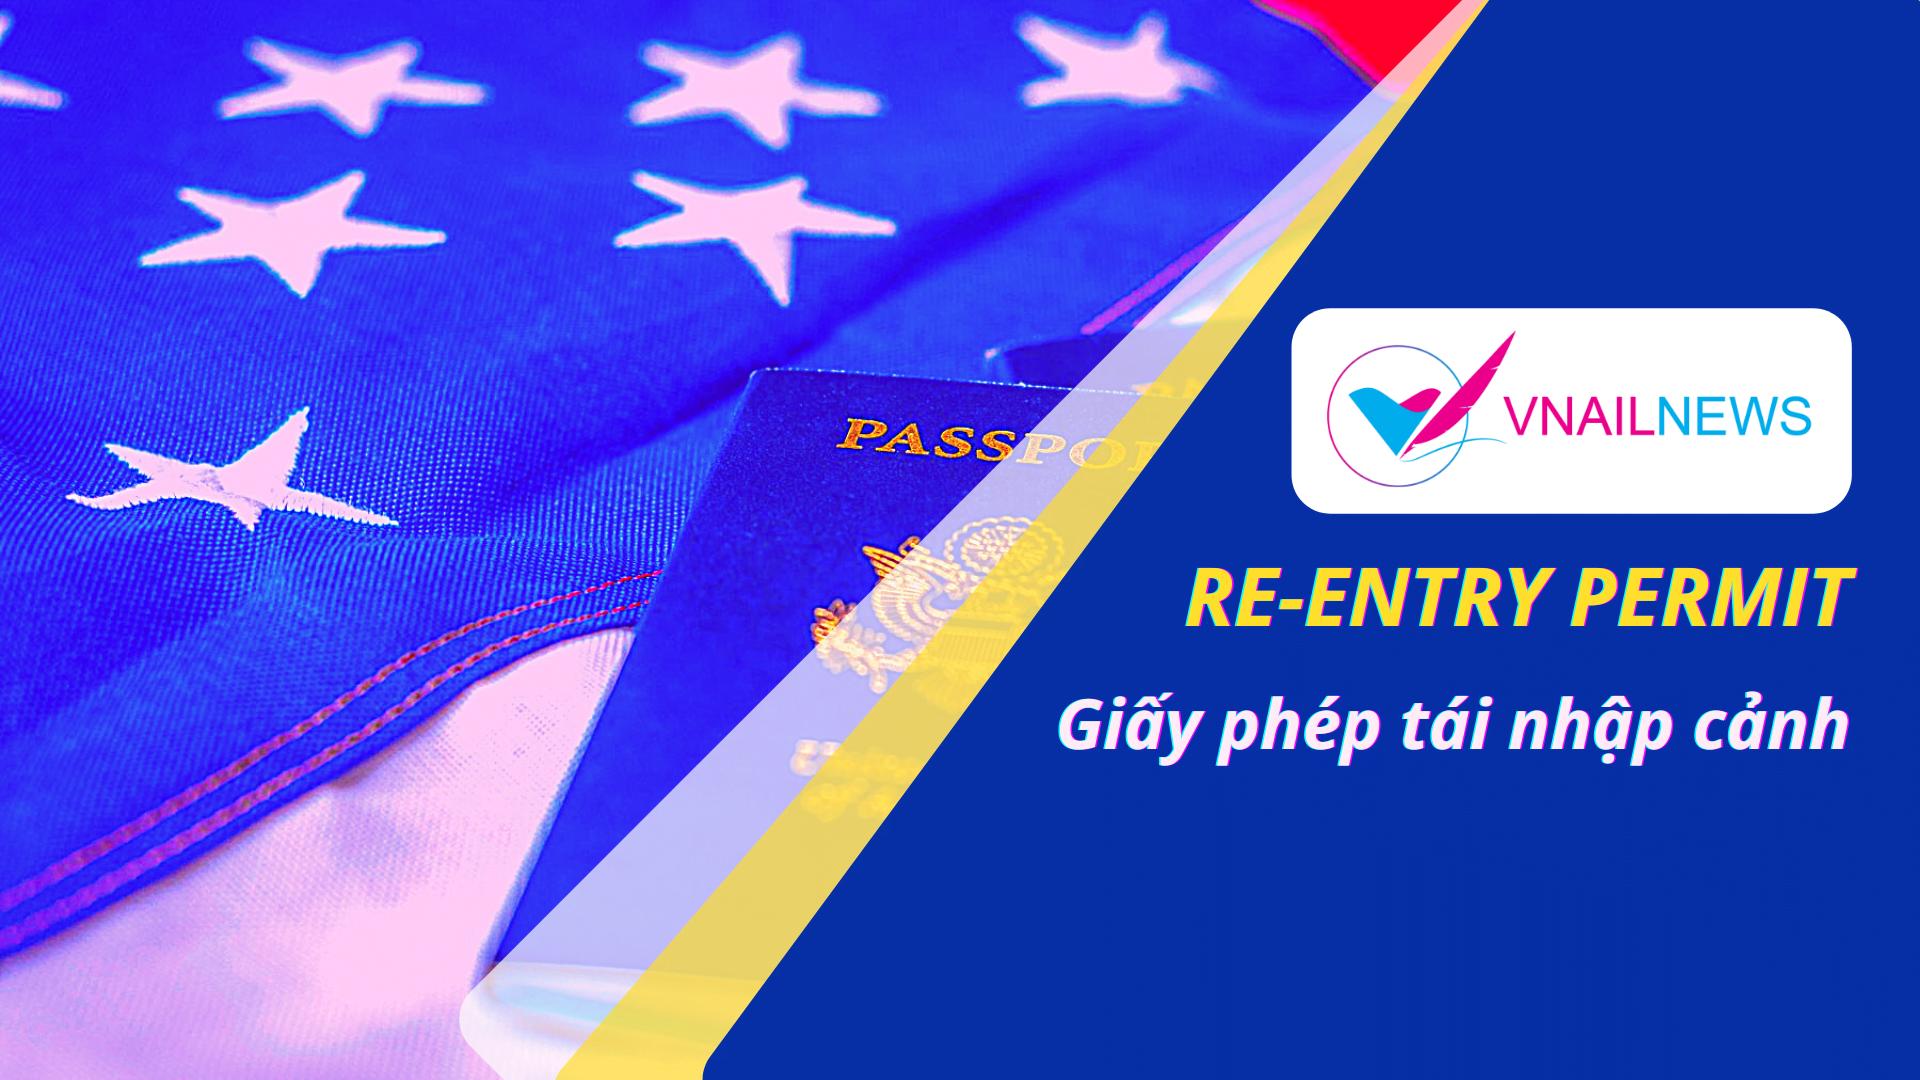 Thường trú nhân có cần xin Re-entry Permit khi về Việt Nam không?